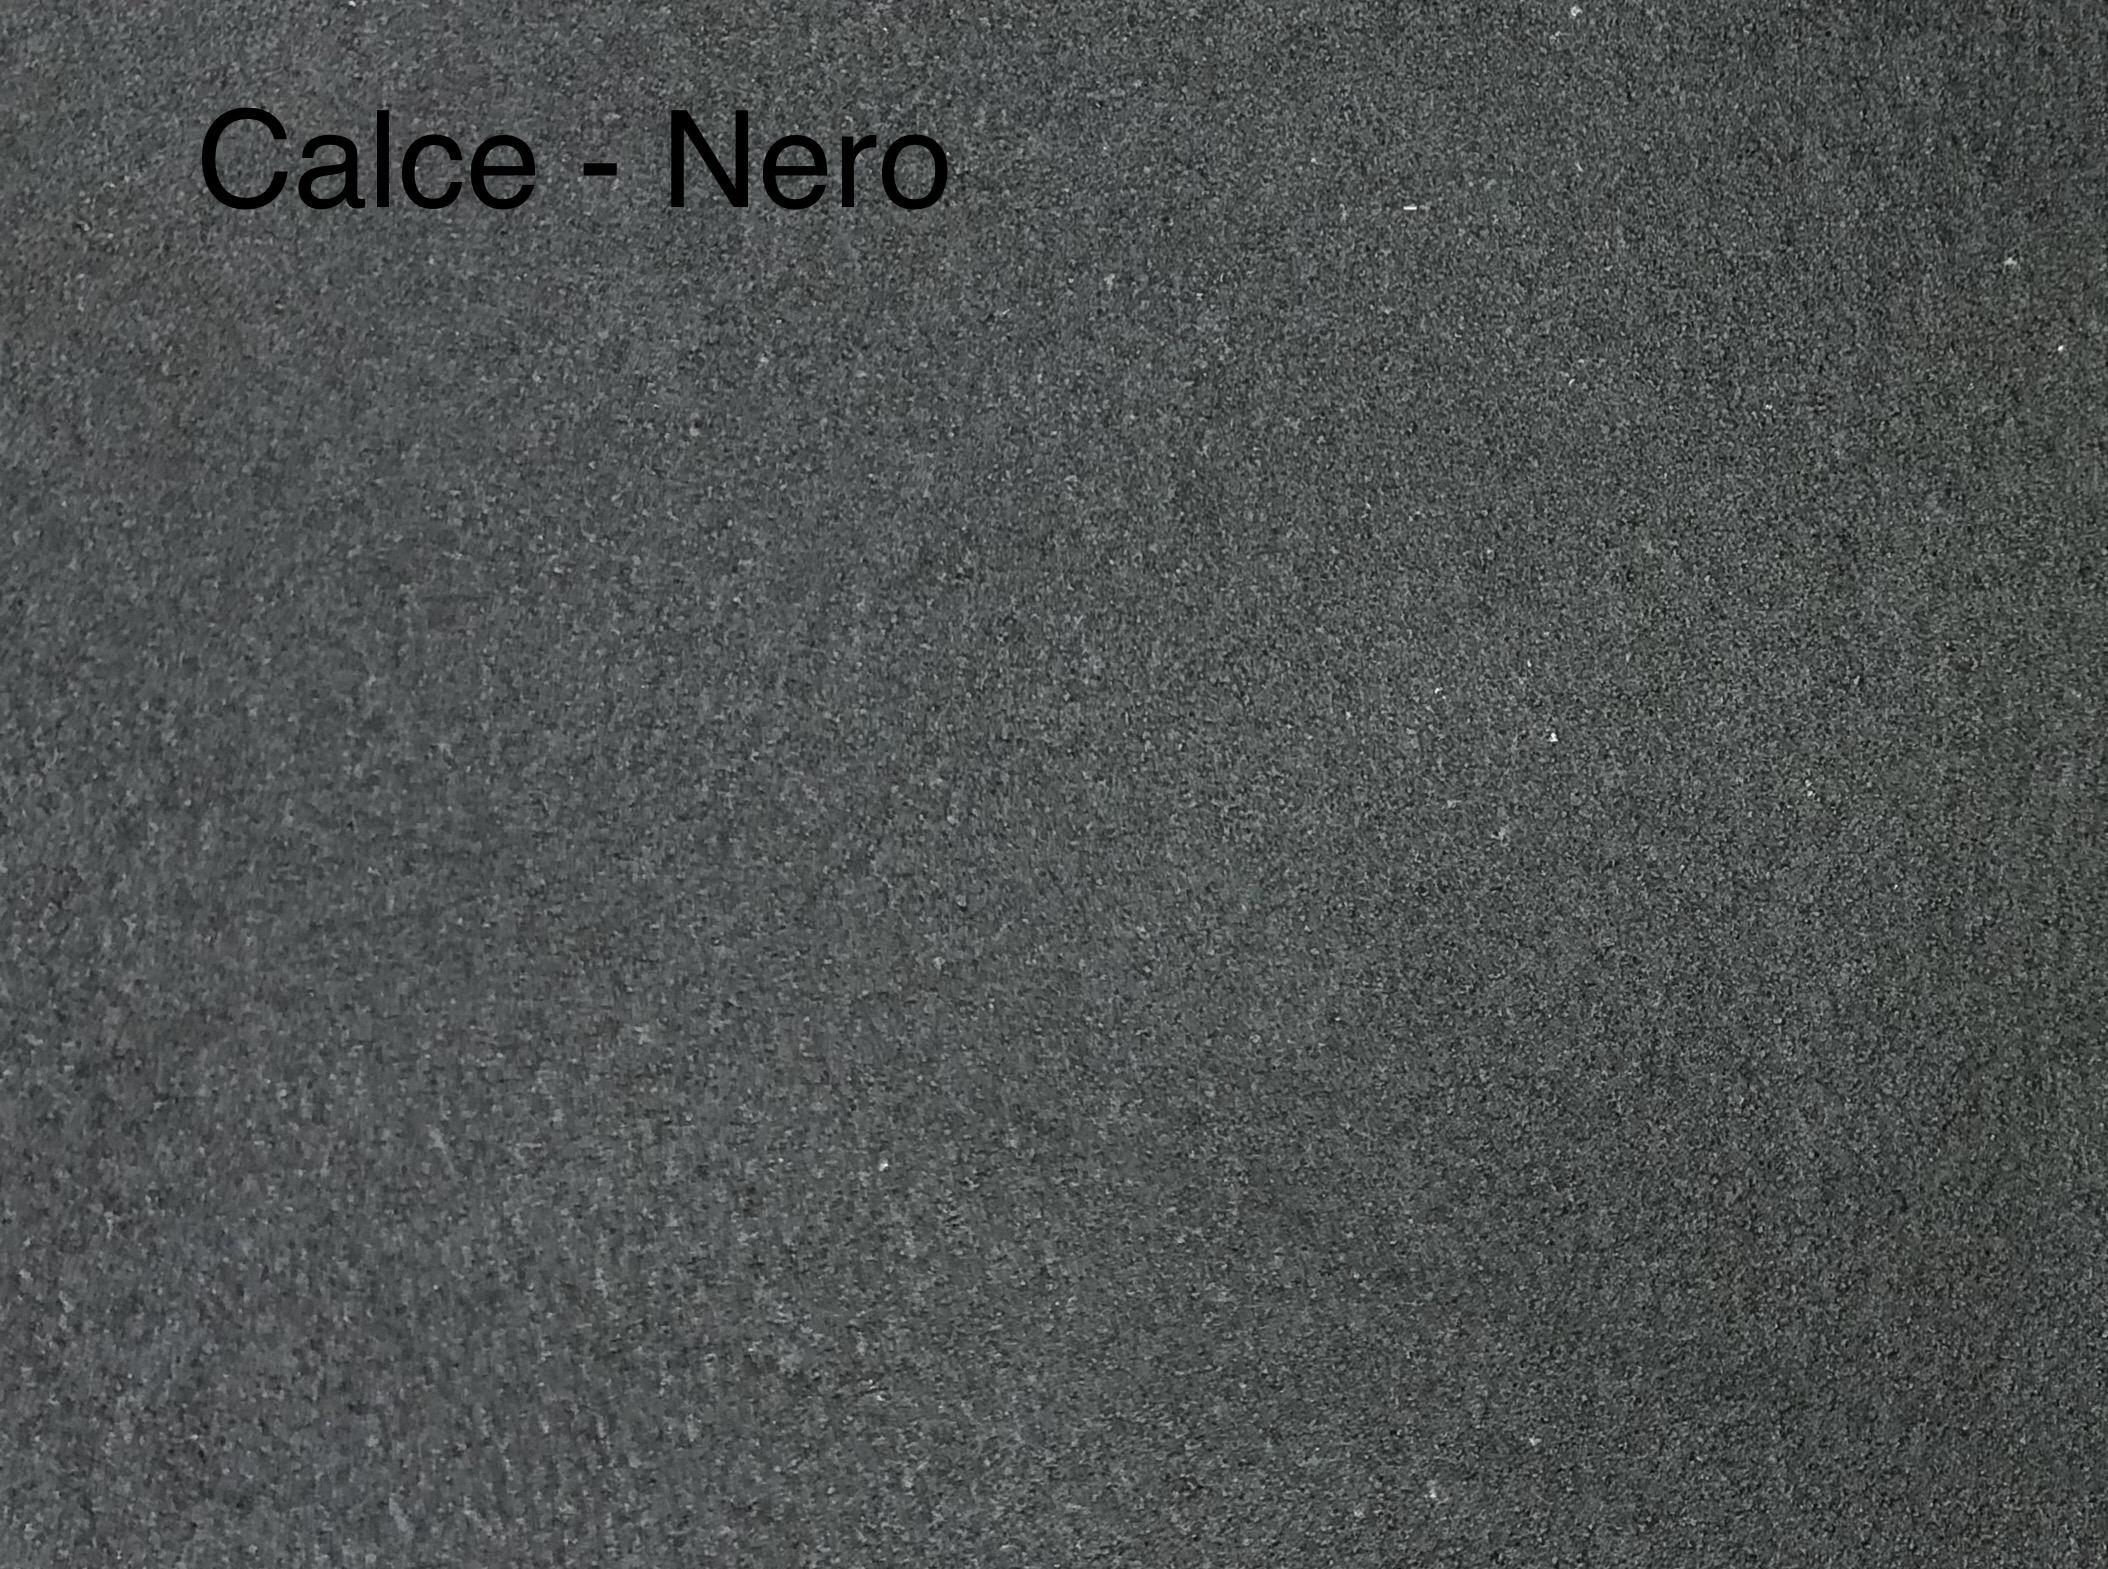 CALCE - NERO